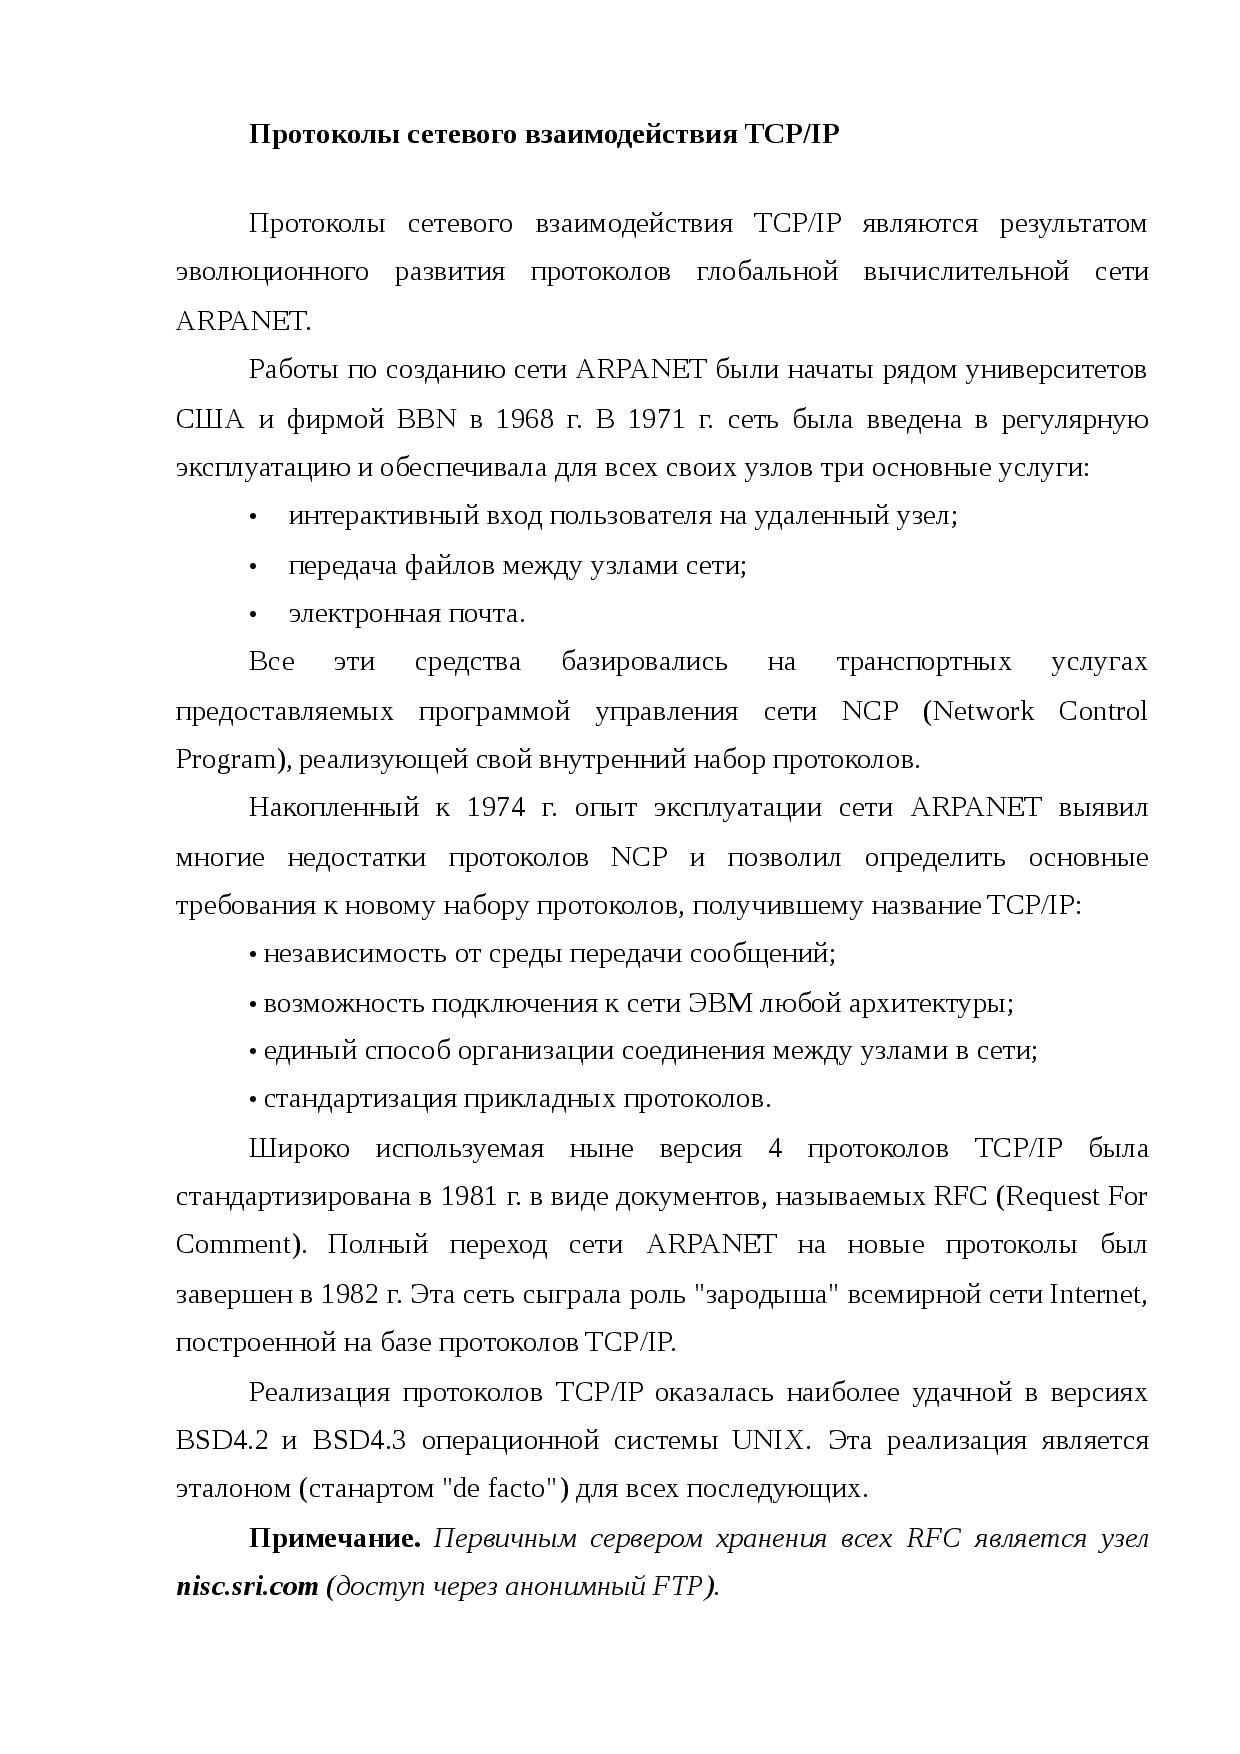 Http: протокол, который каждый разработчик должен знать (часть 1)